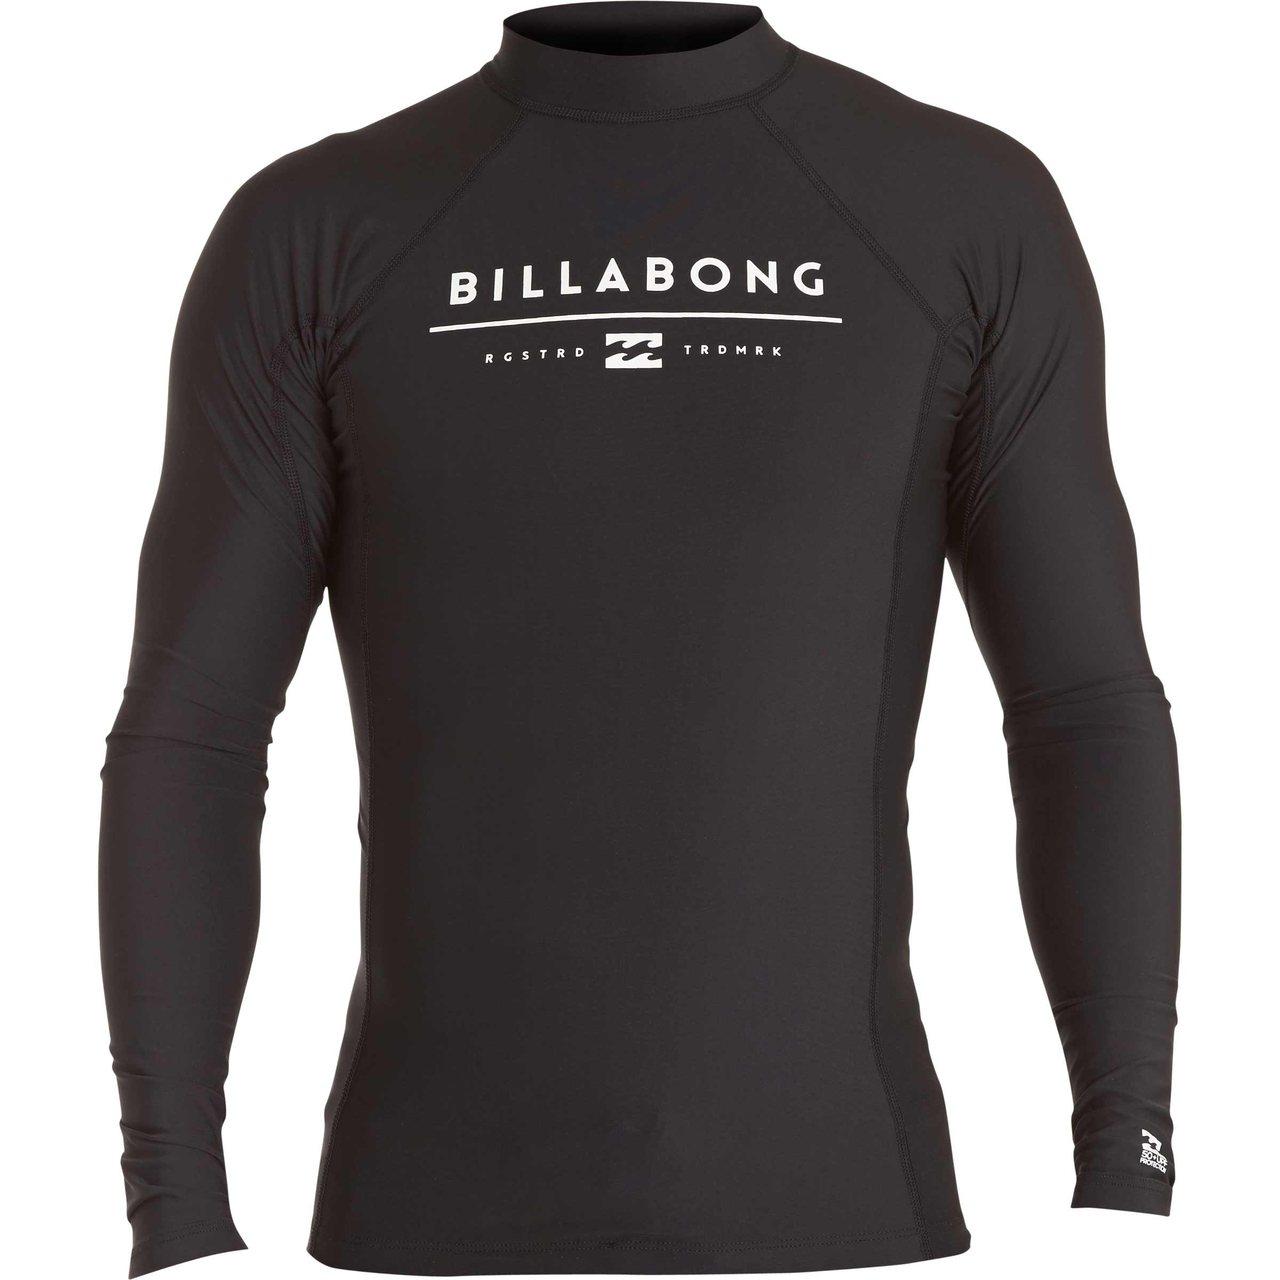 BILLABONG黑色長袖防磨衣,約2,390元。圖/摩曼頓提供